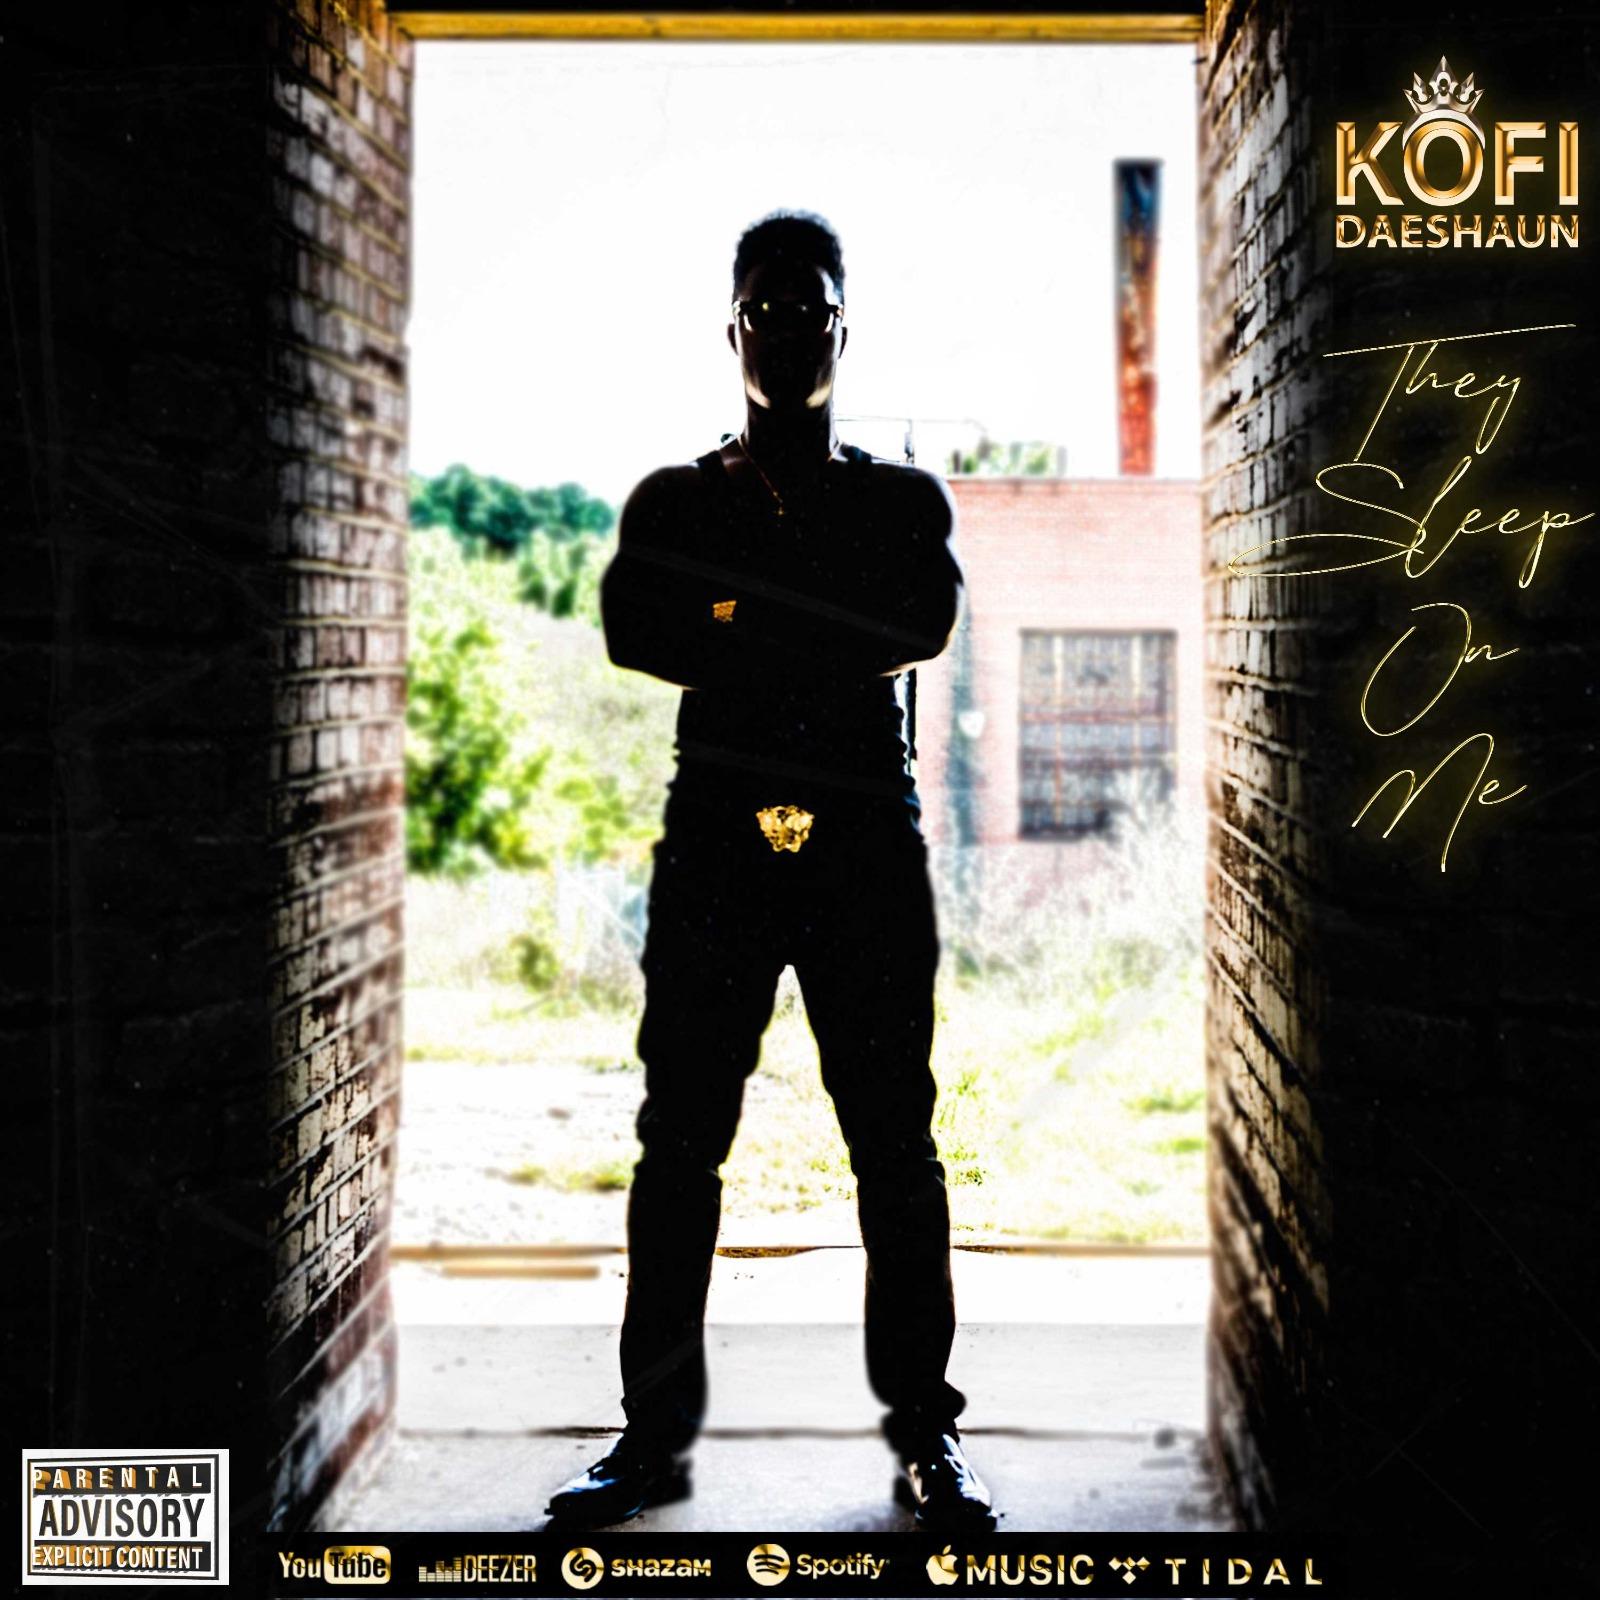 Kofi Daeshaun - They Sleep On Me